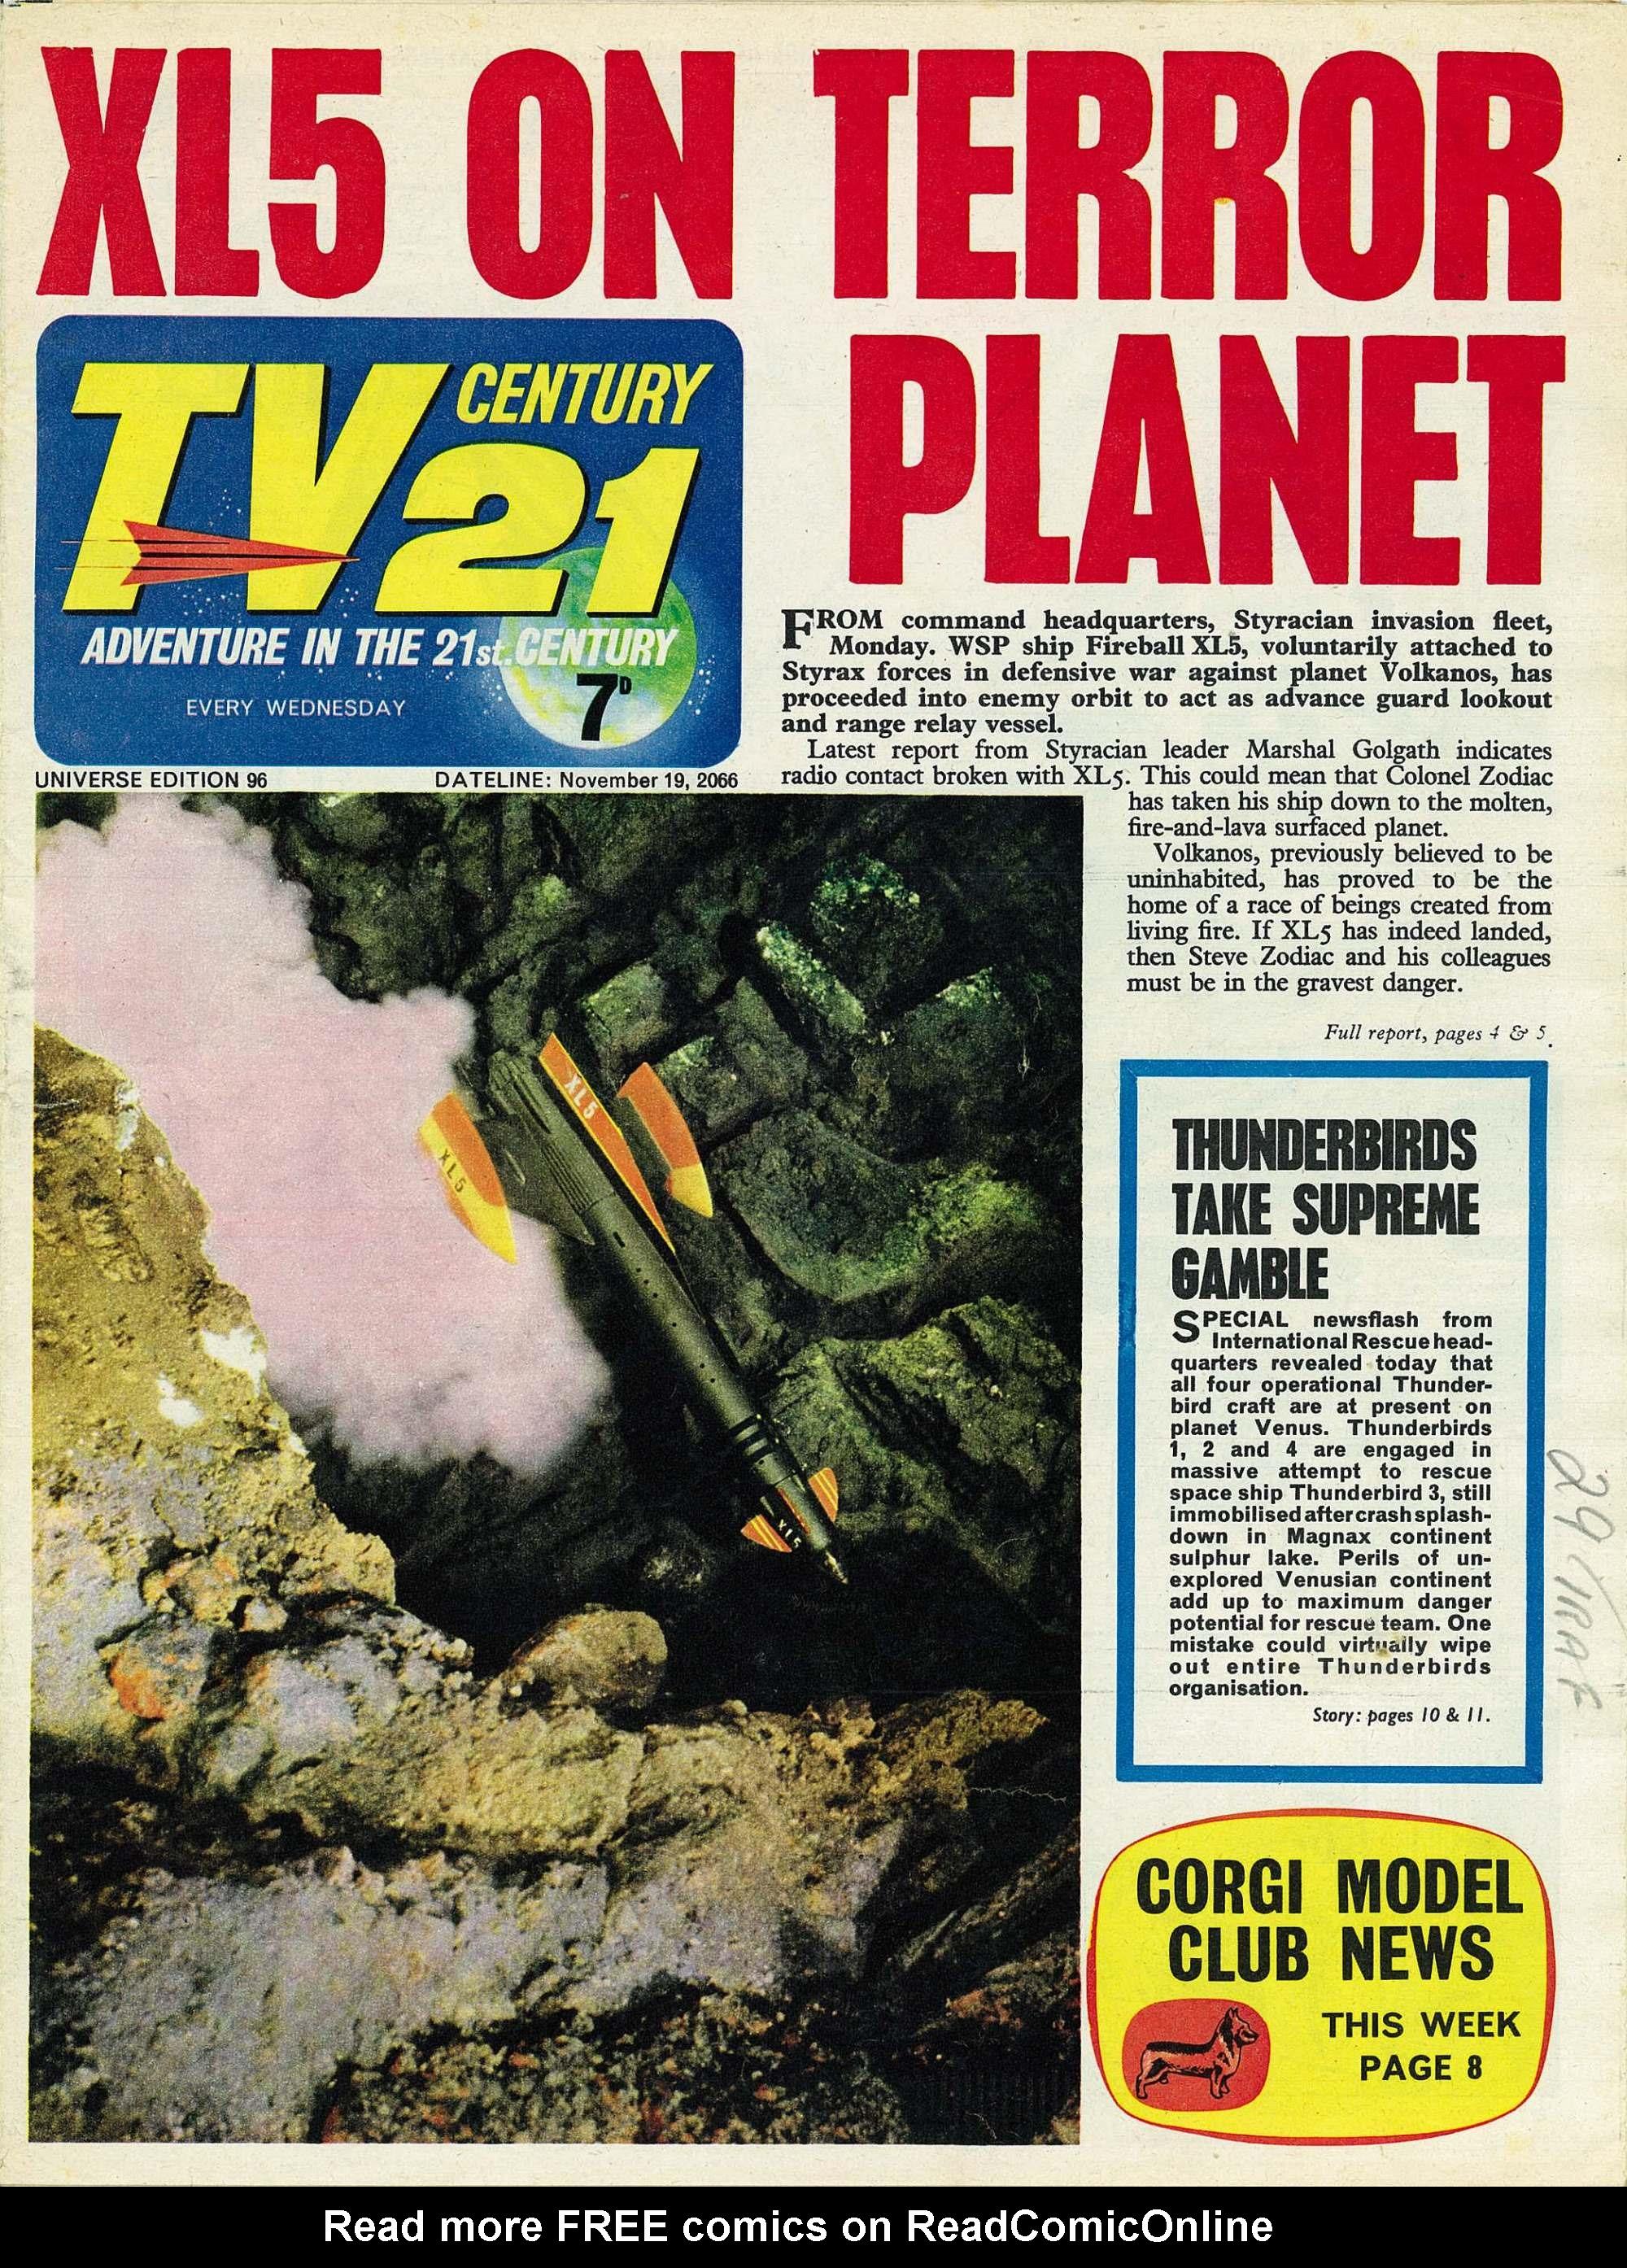 TV Century 21 (TV 21) 96 Page 1